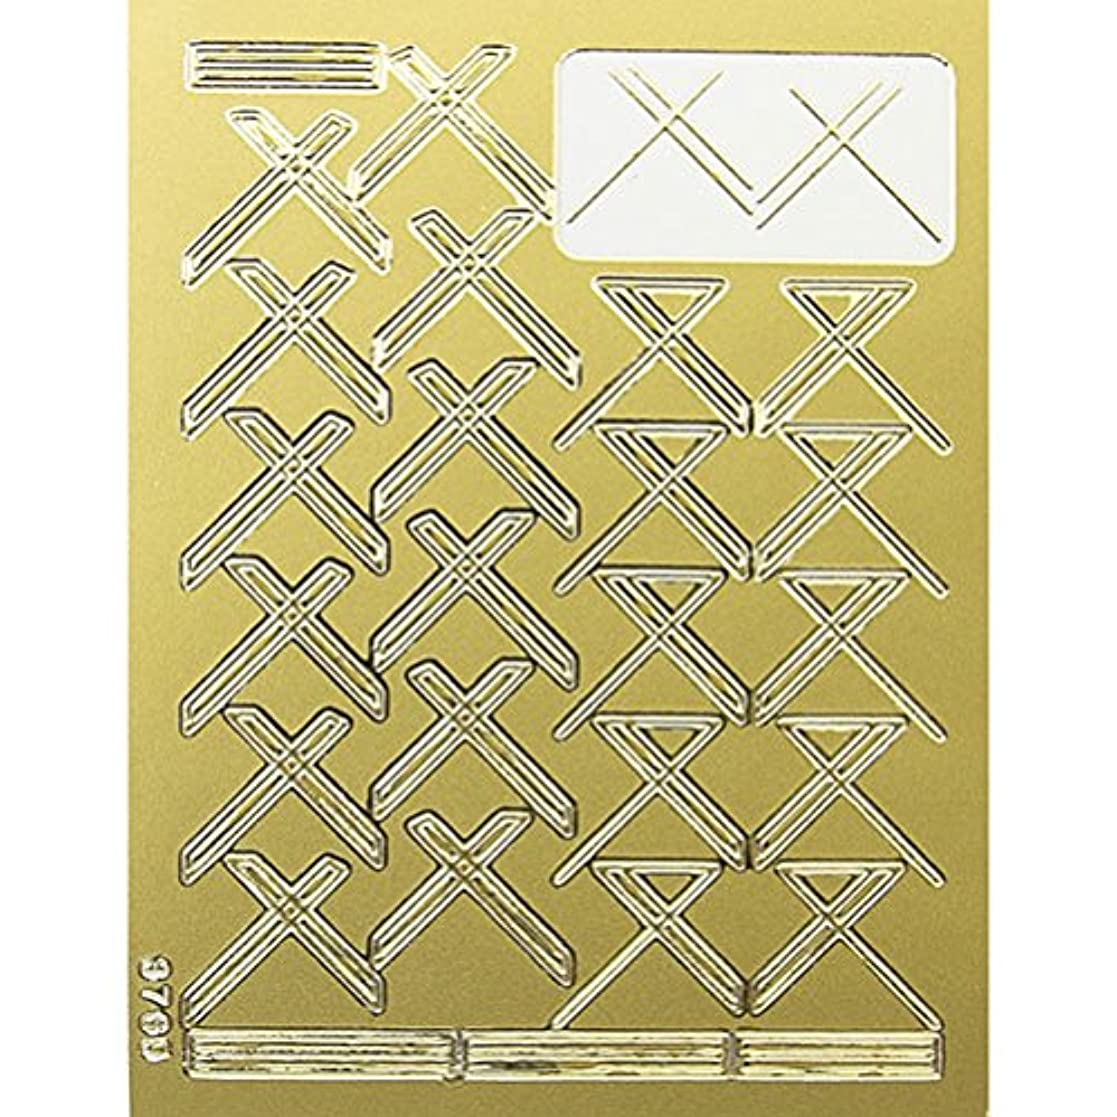 組み込むパキスタン分類ネイルエンボスシール ゴールドクロス 590-1001